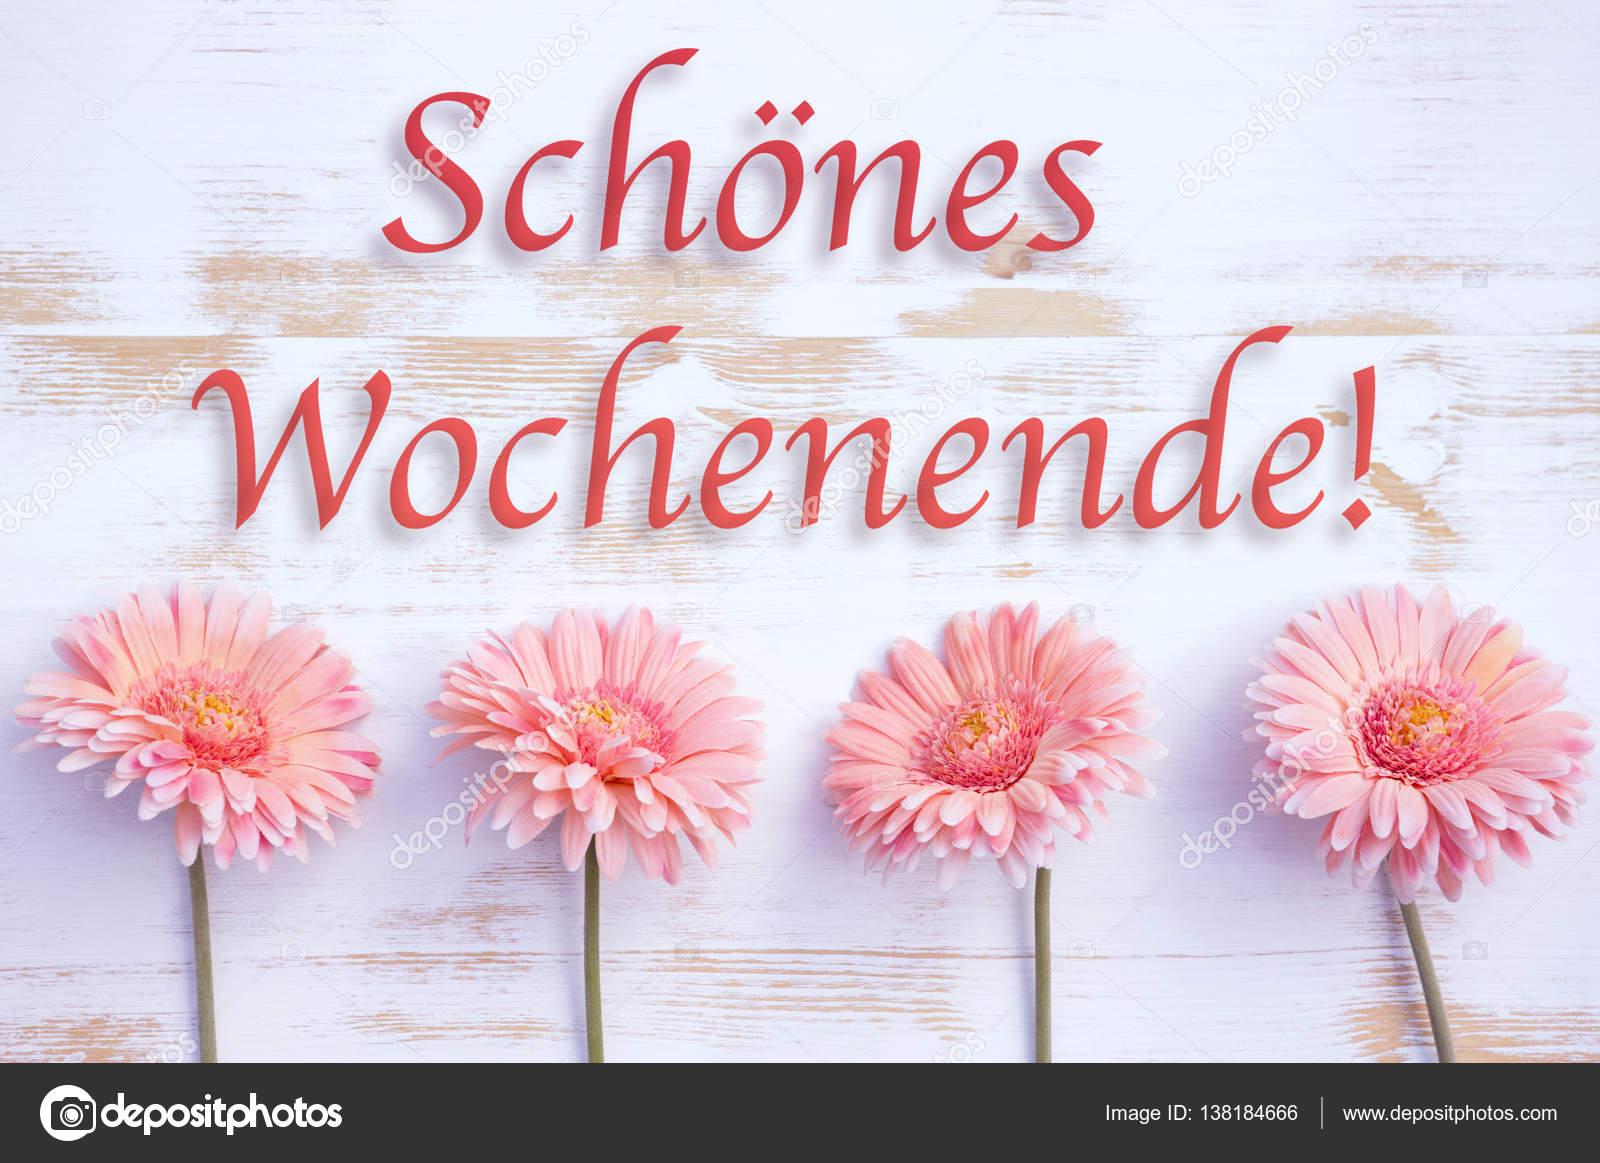 Mutlu Hafta Sonu Pembe Gerbera Ile Almanca Kelimeler Stok